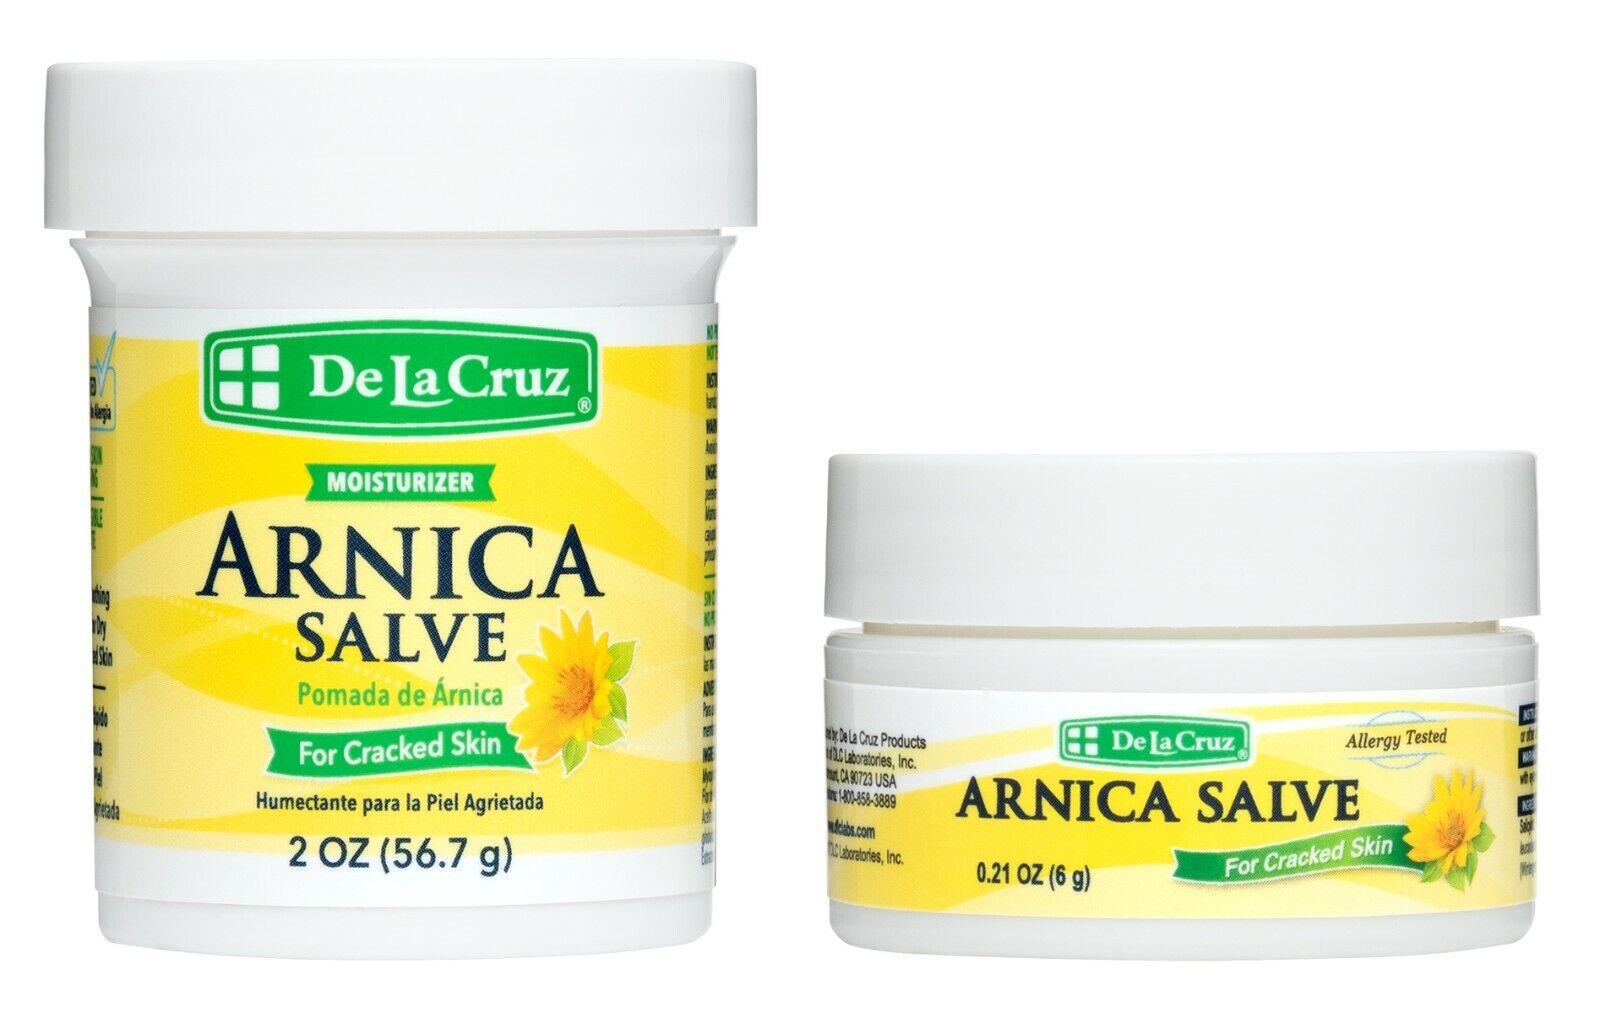 De La Cruz Arnica Salve 2 OZ.  + Travel Size Jar / Made in U